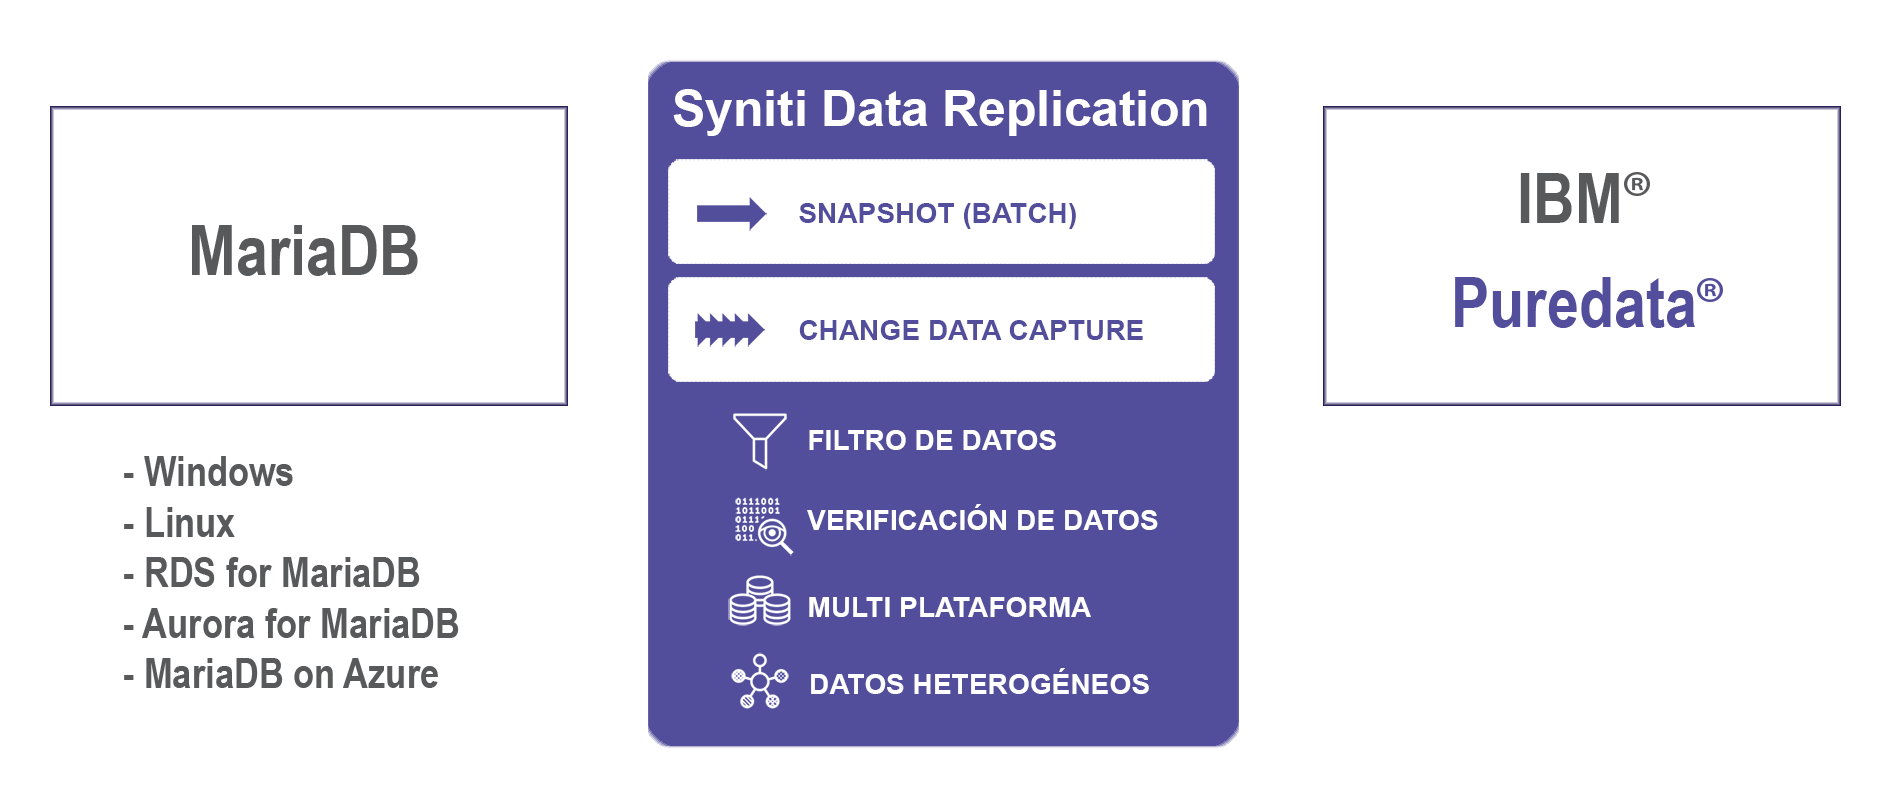 Replicacion de datos MariaDB a Puredata en tiempo real